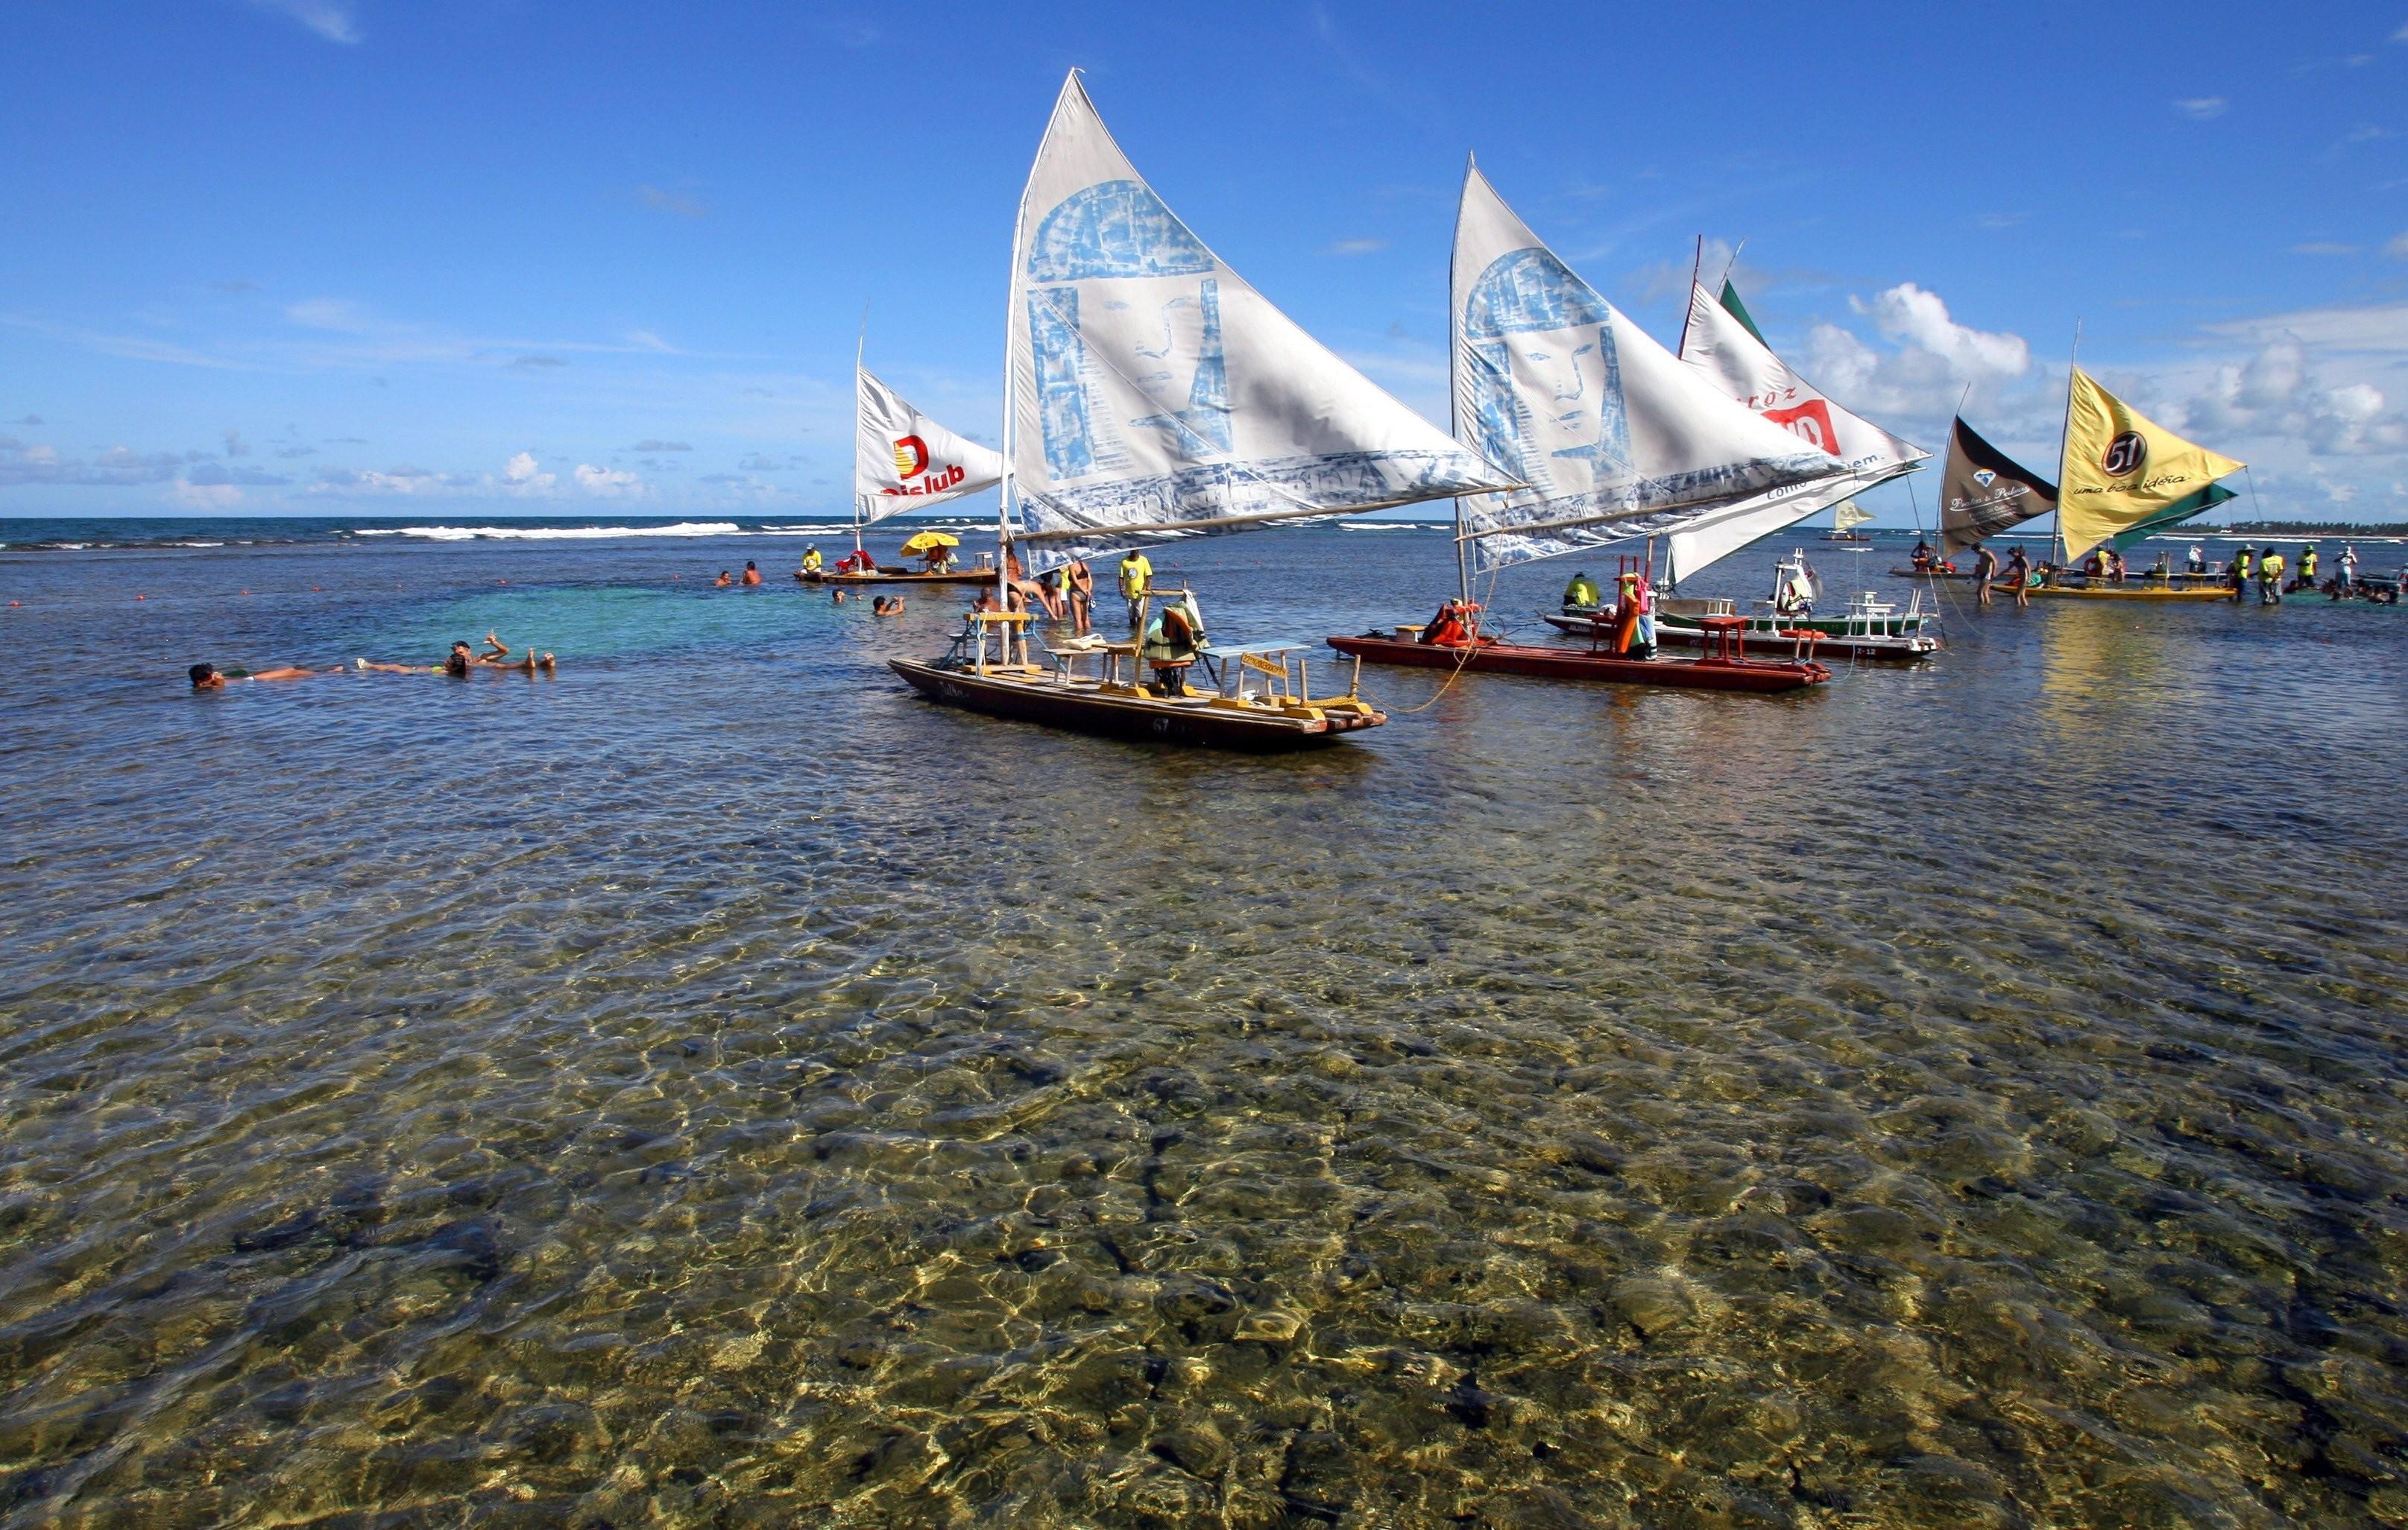 Porto de Galinhas: um dos destinos mais citados em pesquisa com mil entrevistados